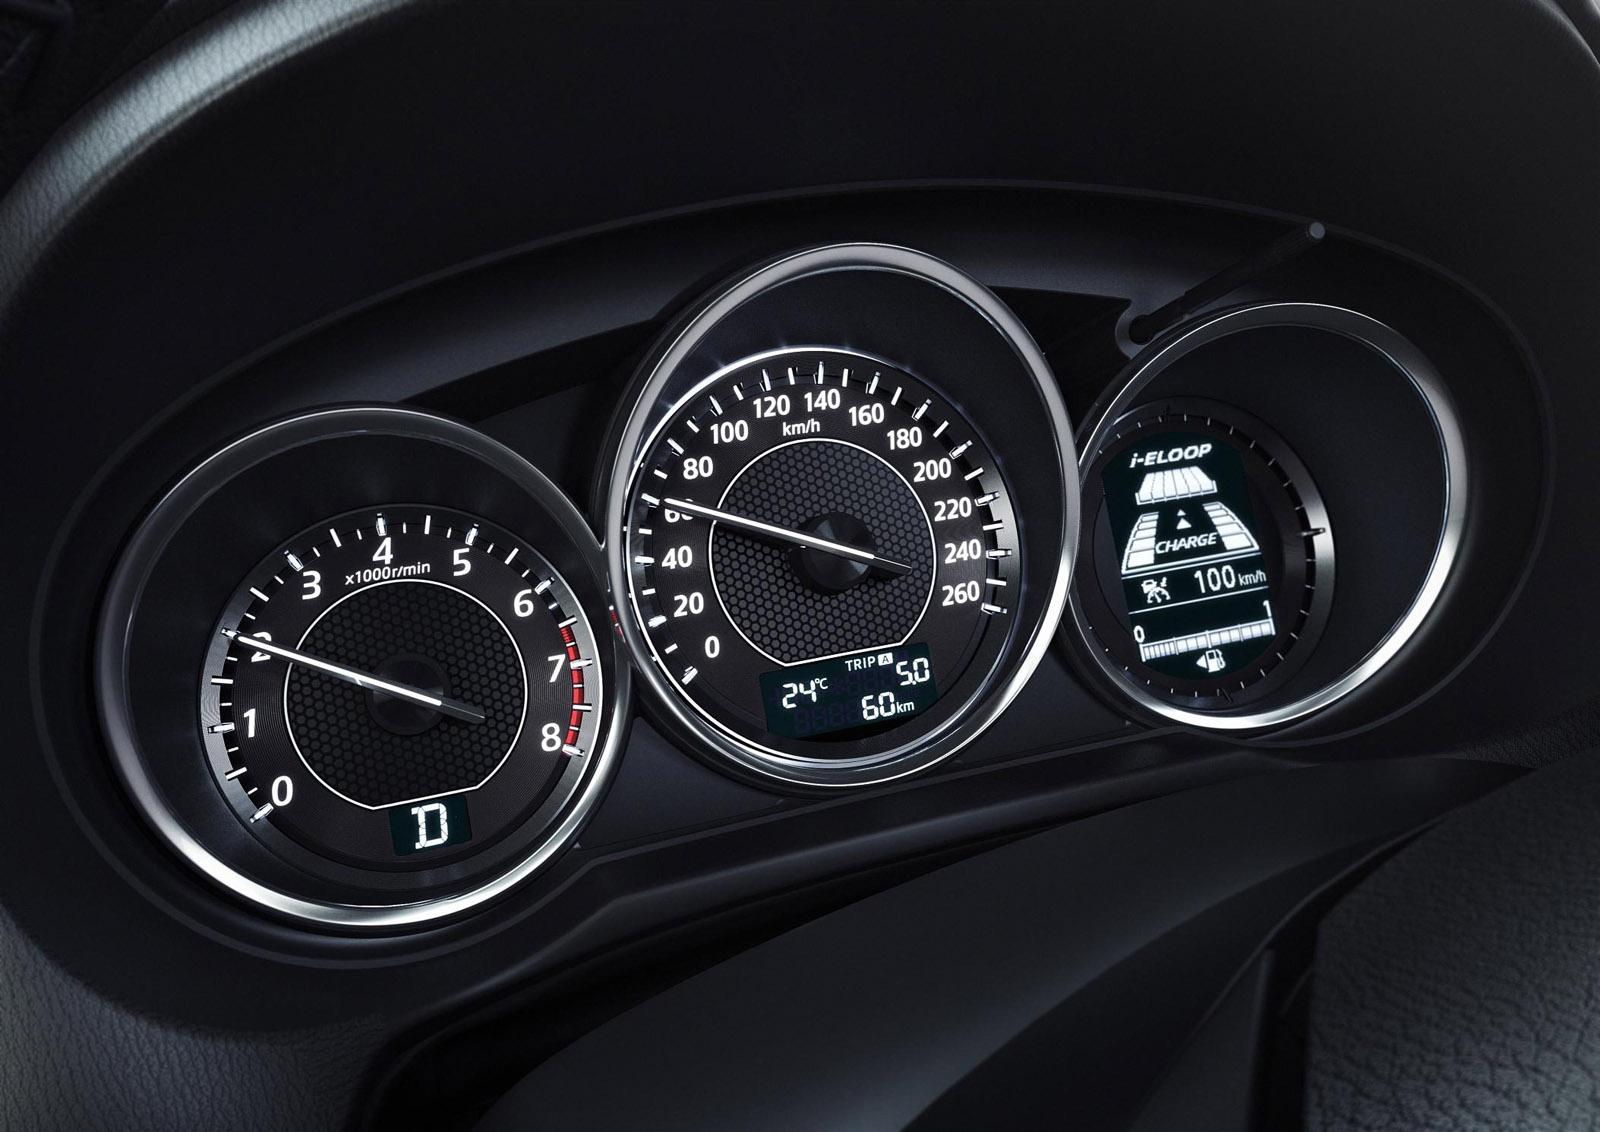 1908_588665_Mazda6_Sedan_2012_interior_04